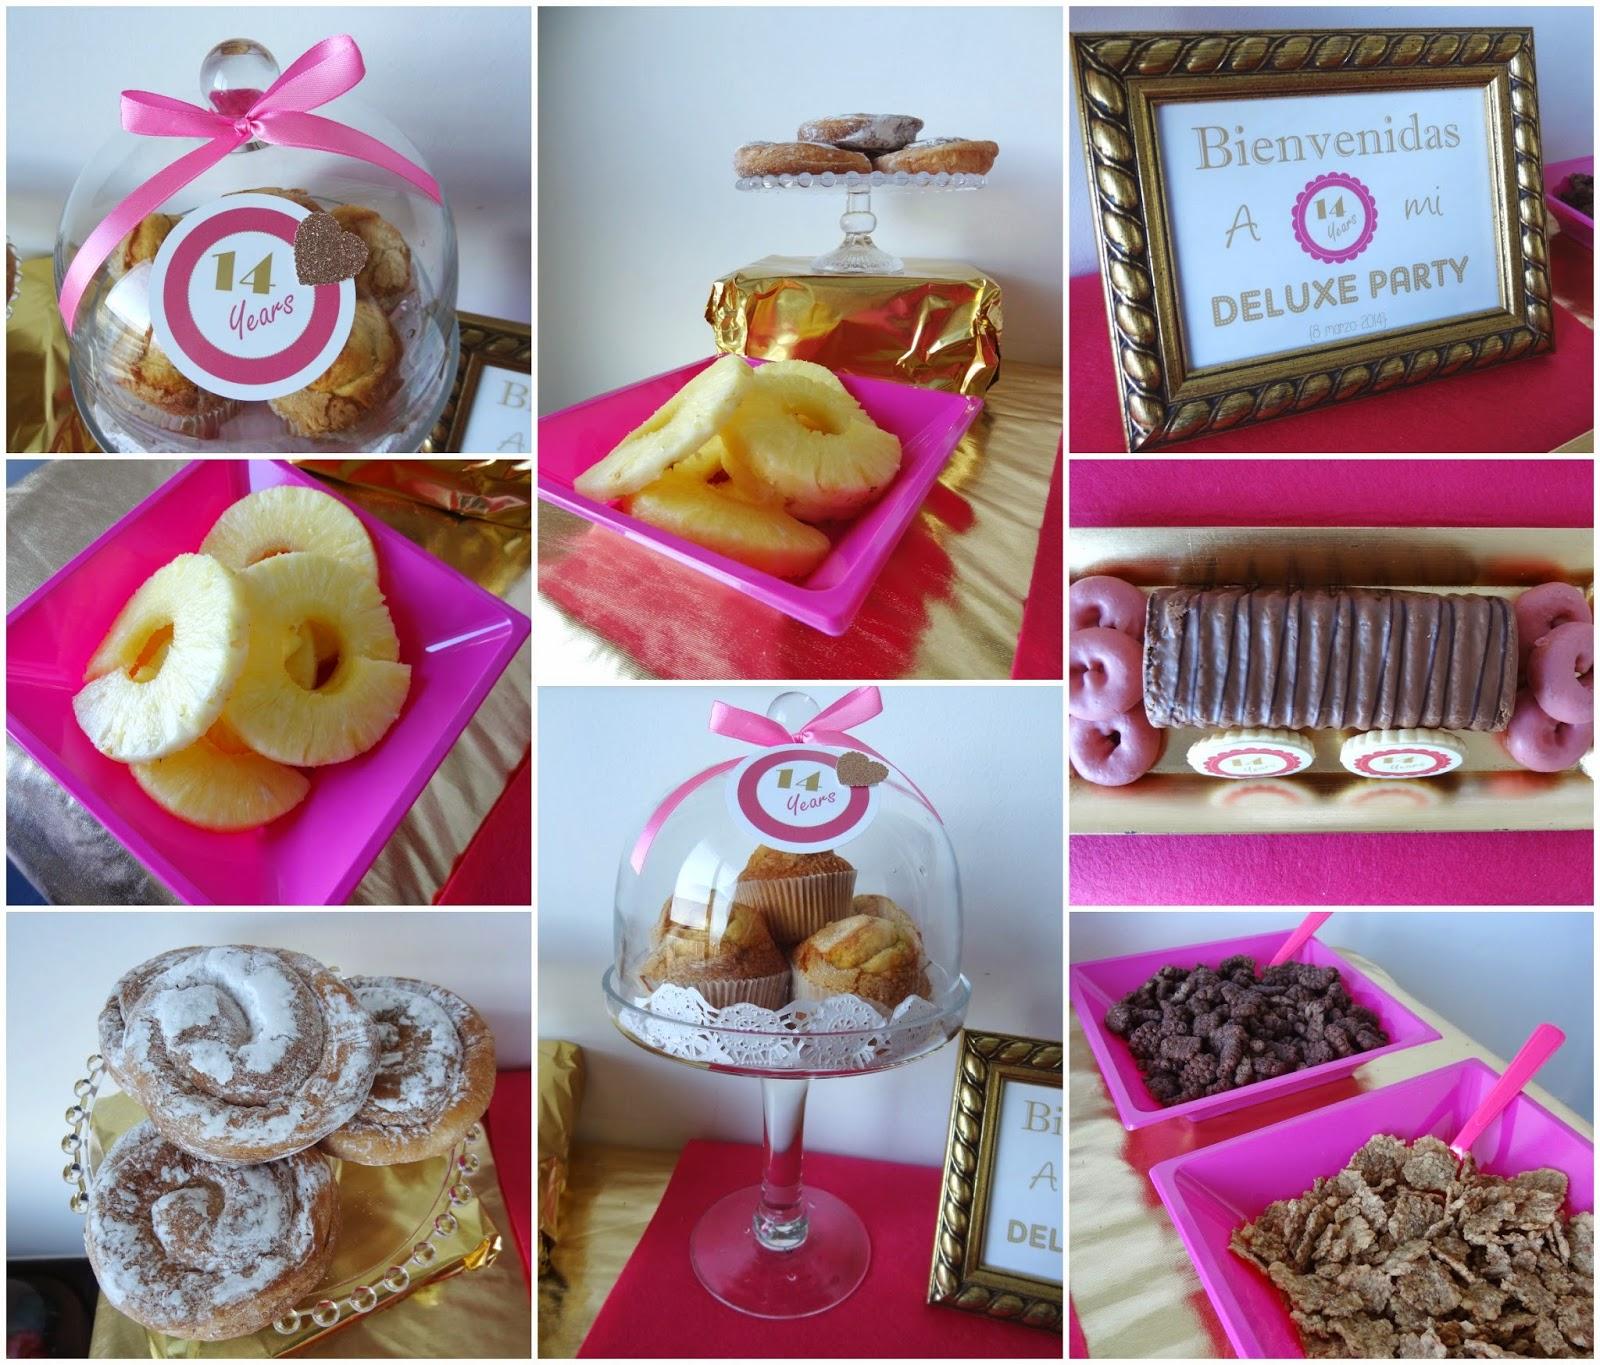 Celebra con ana compartiendo experiencias creativas - Mesas de desayuno ...